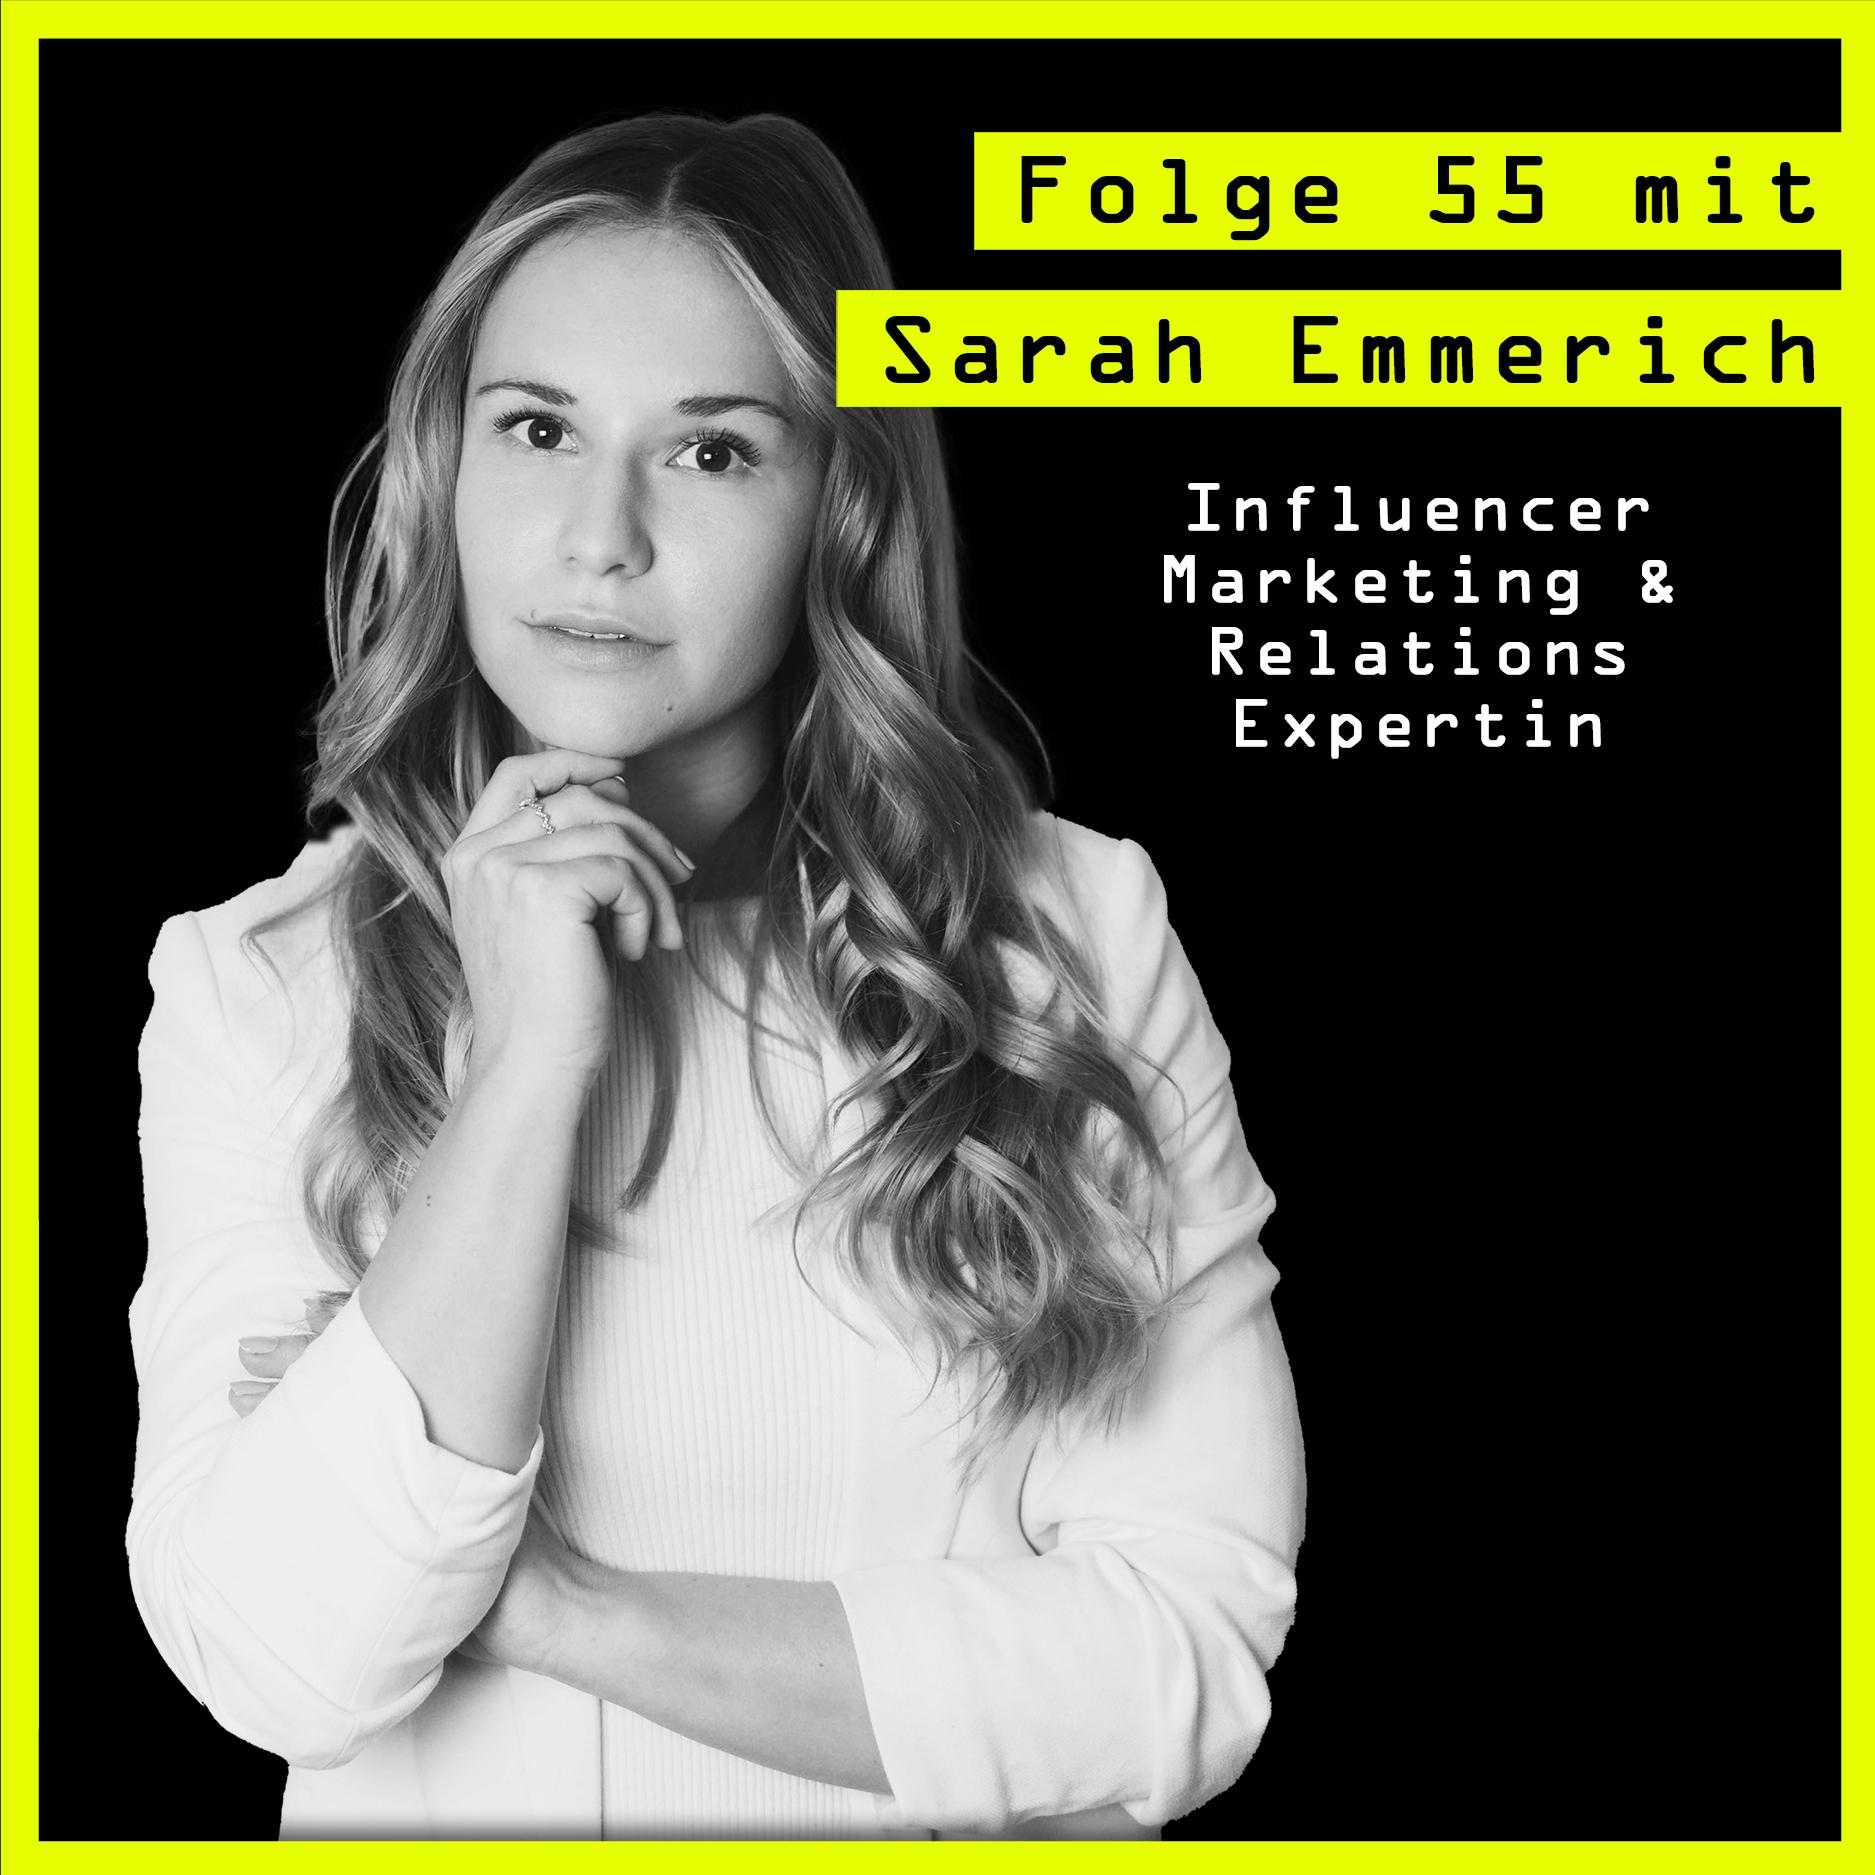 #55 mit Sarah Emmerich (Influencer Marketing & Relations) über Intuition, Sinn und Justin Bieber